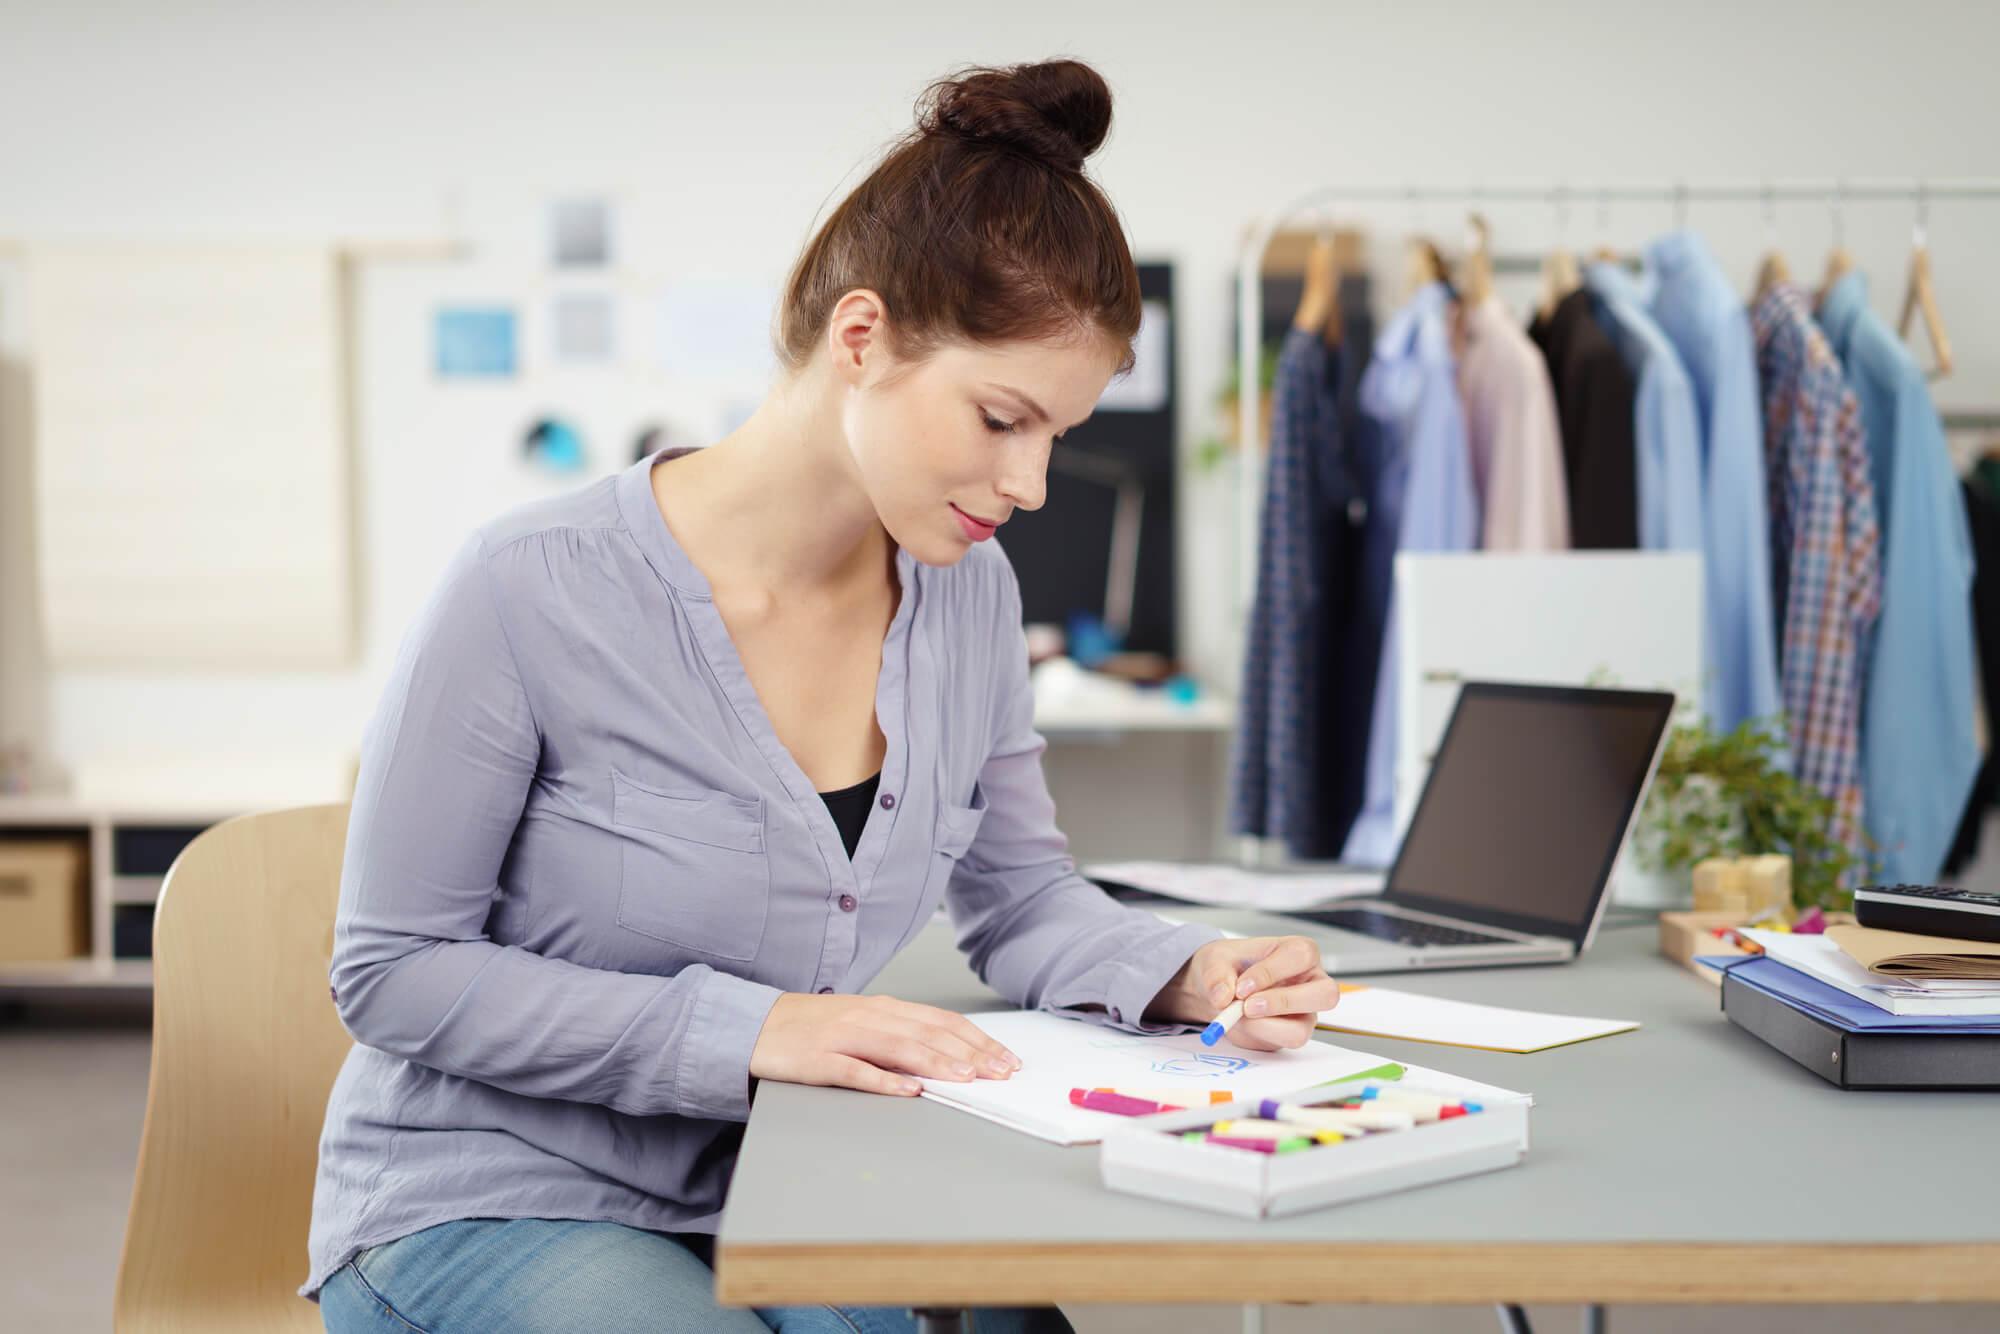 Sistema de gestão da moda: por que ele é tão importante para as empresas do ramo?